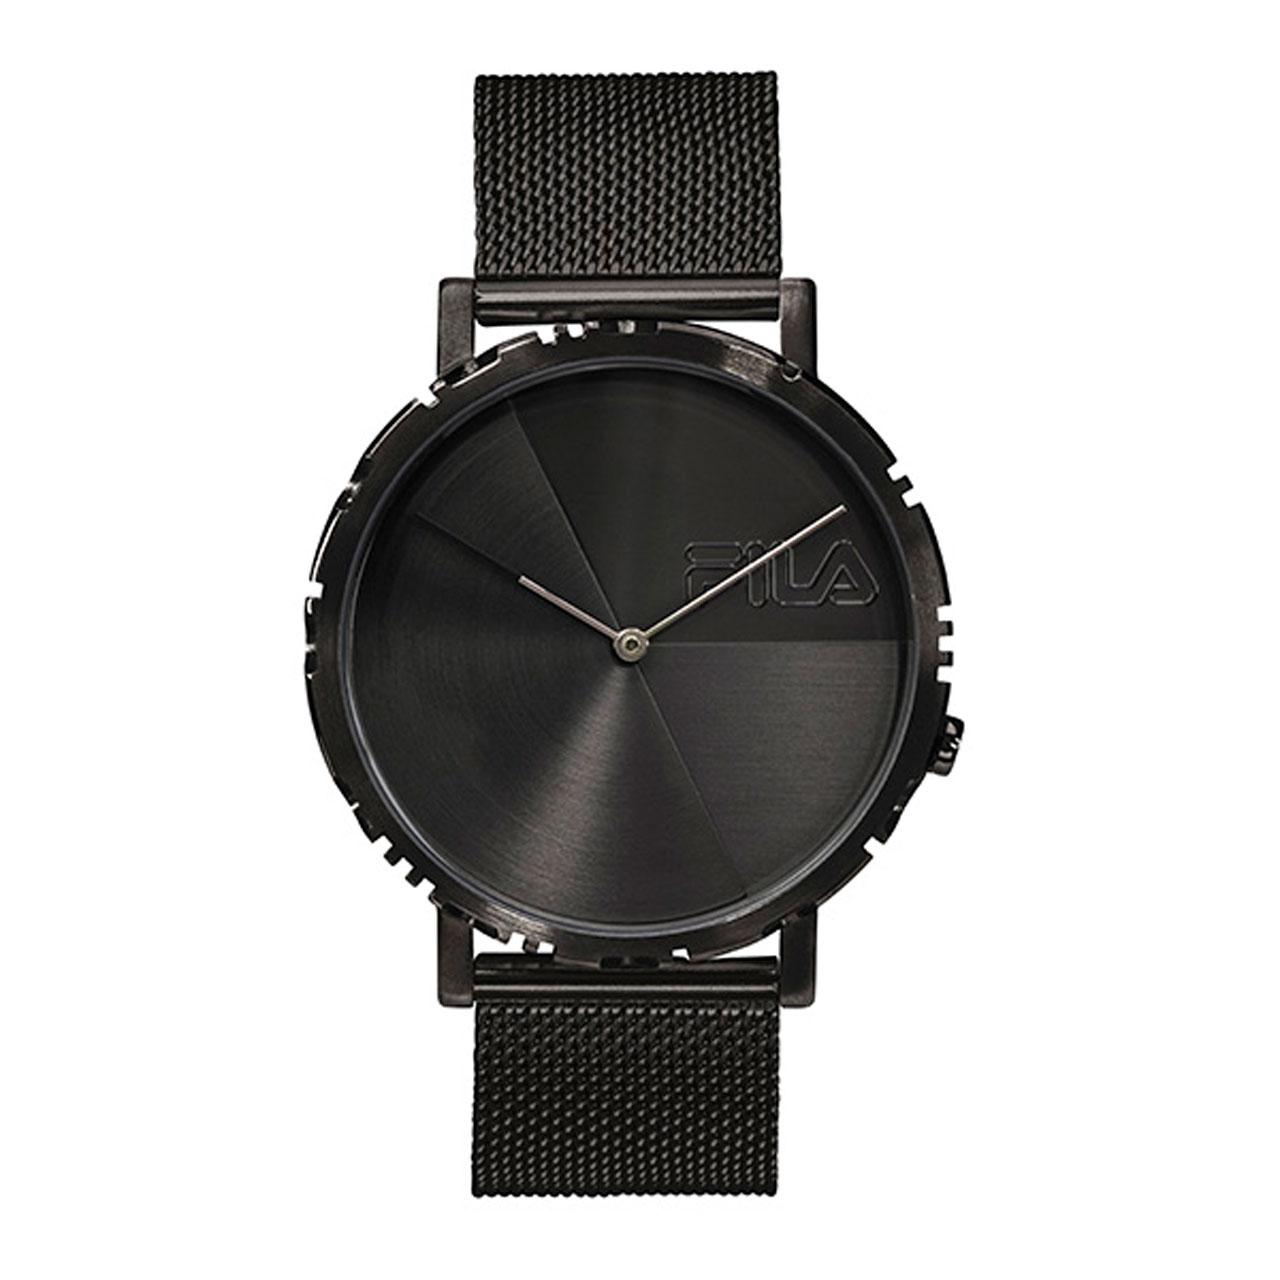 ساعت مچی عقربه ای مردانه ی فیلا مدل 38-173-002